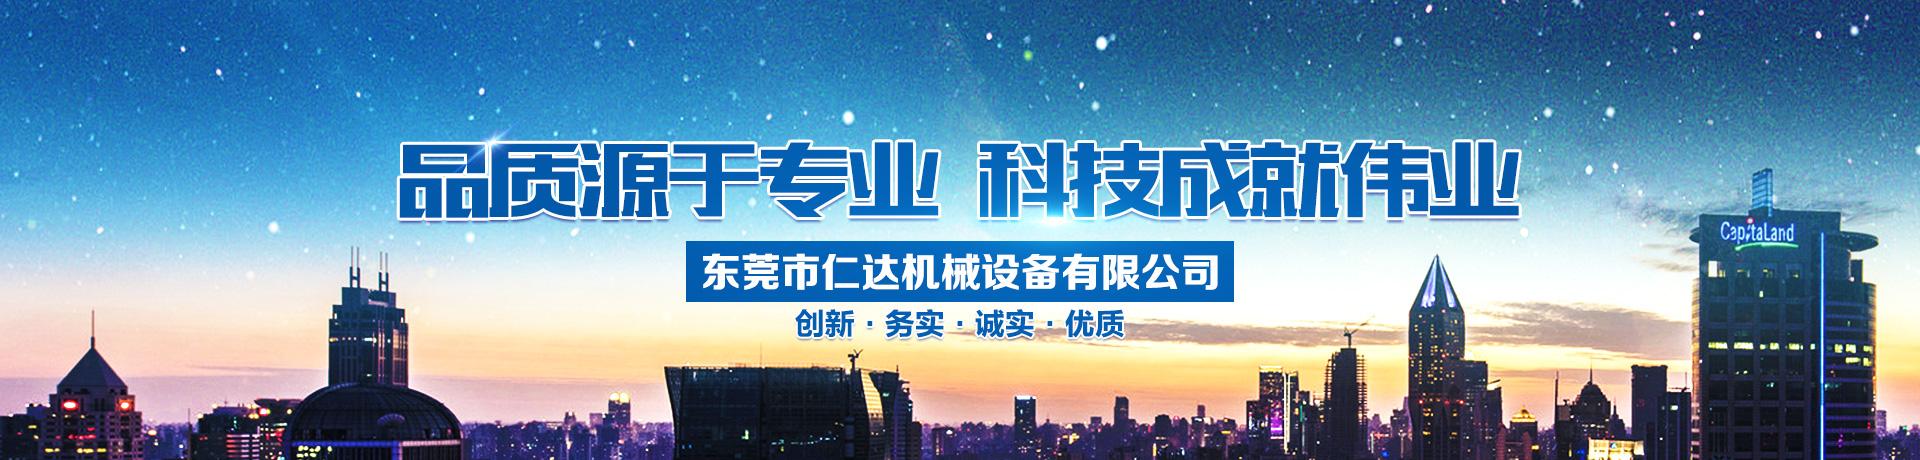 广东仁达智能装备有限公司